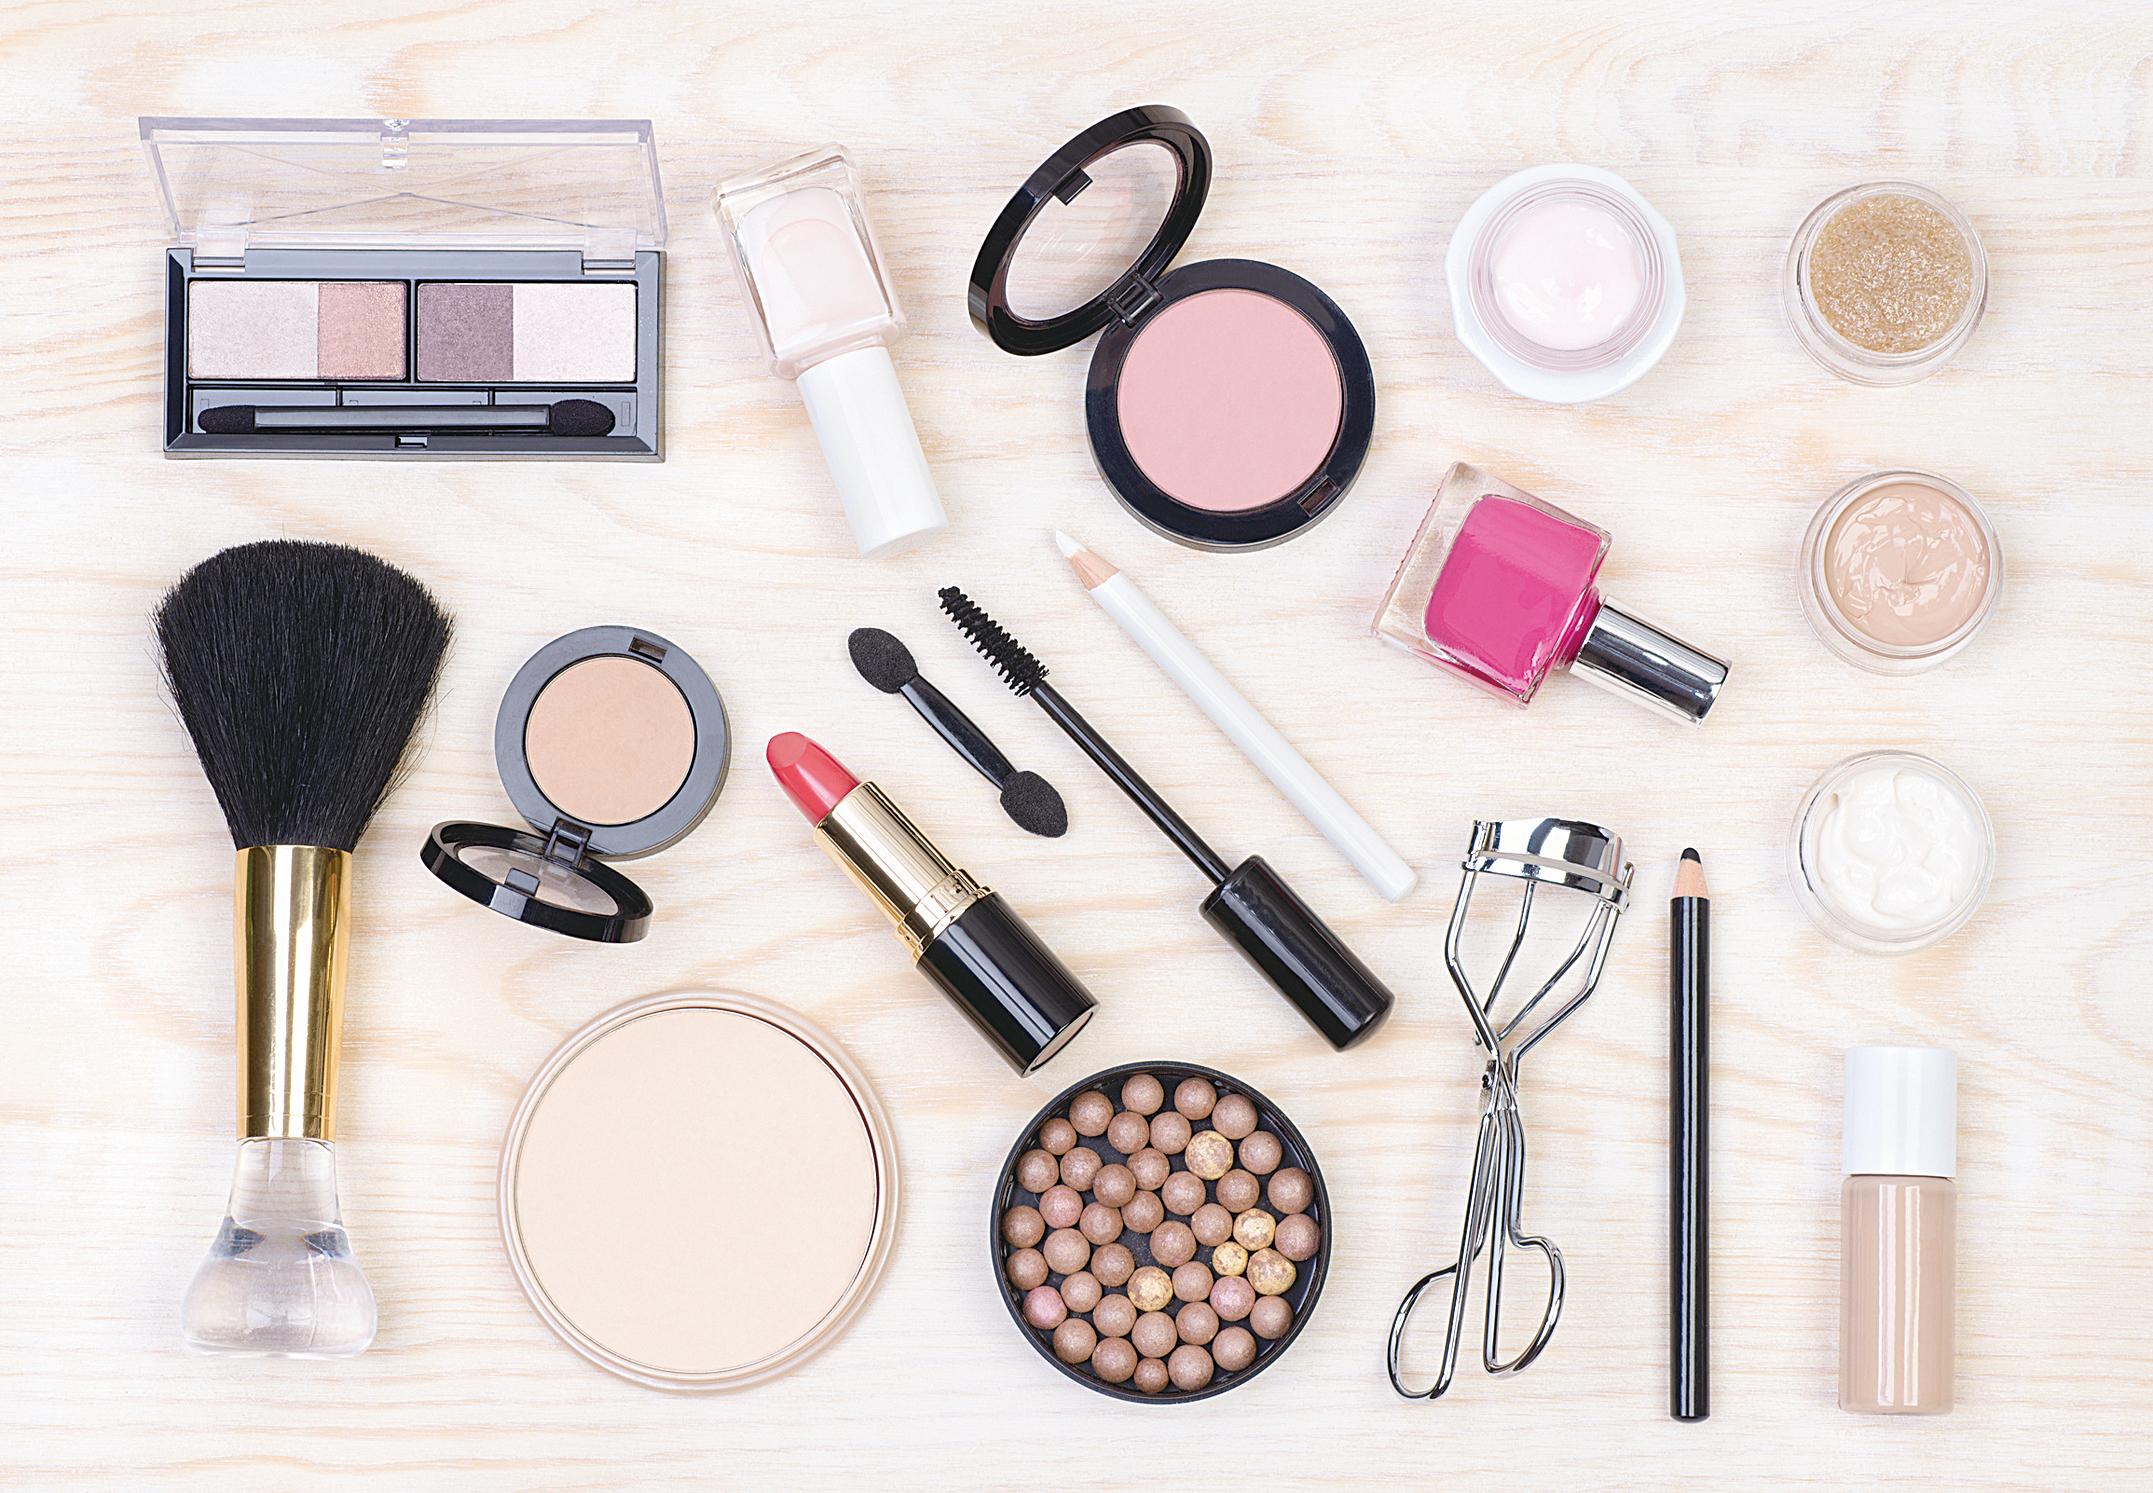 你的美妝品過期了嗎?